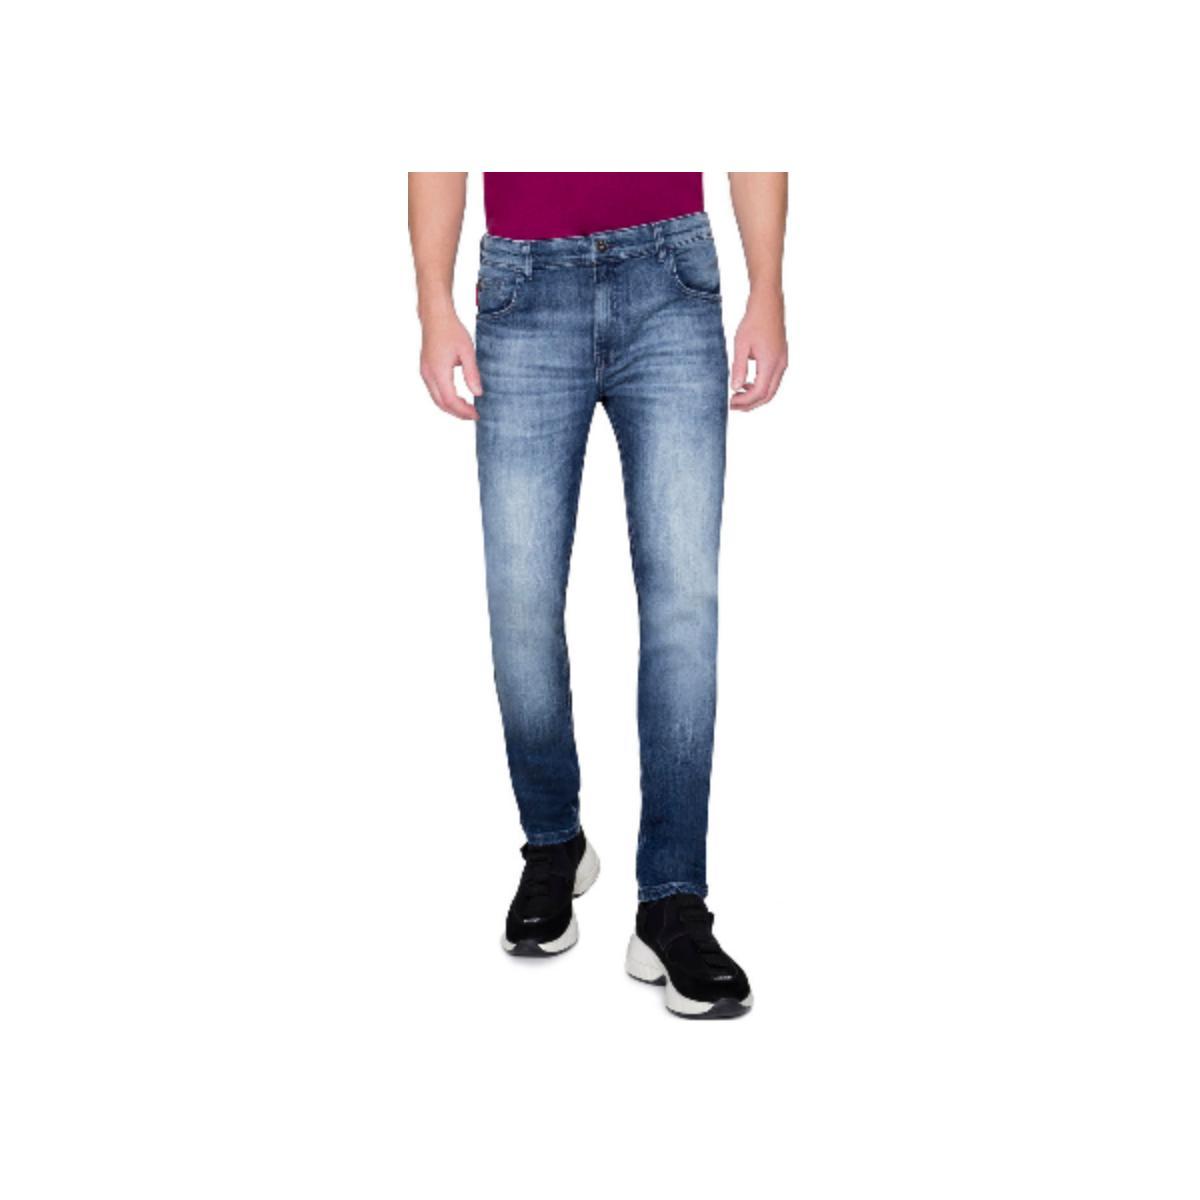 Calça Masculina Ellus 52a6565 1284 Jeans